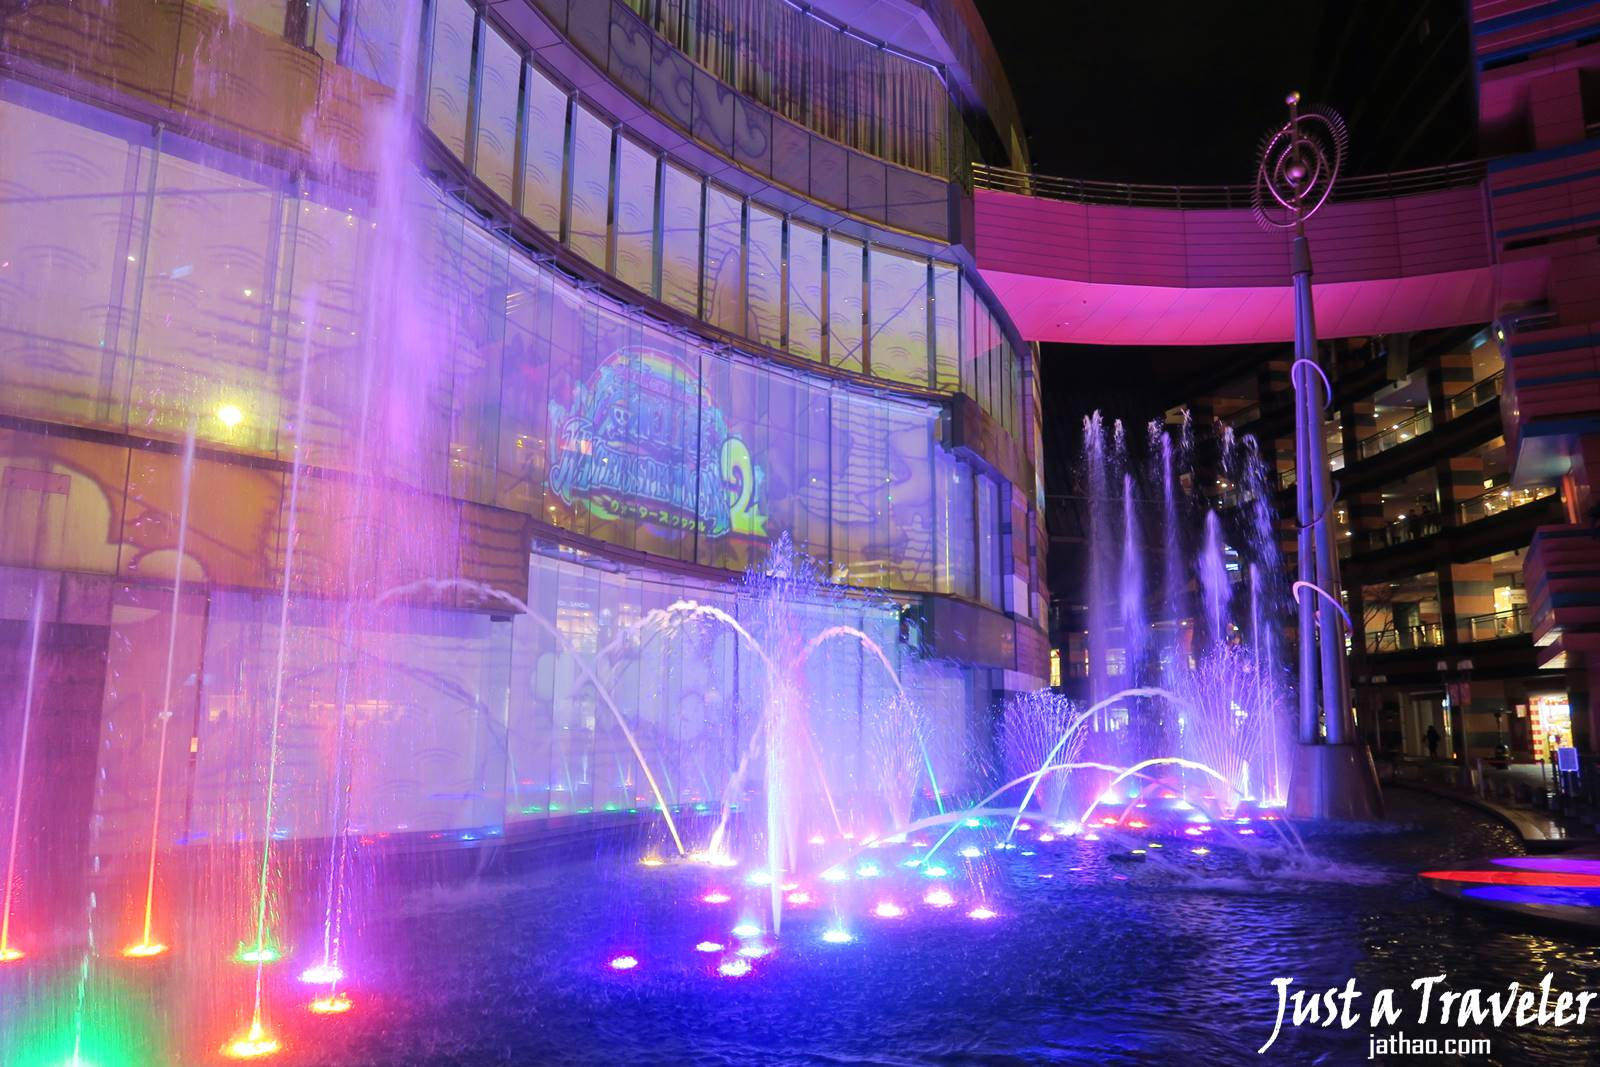 福岡-景點-推薦-博多運河城-福岡好玩景點-福岡必玩景點-福岡必去景點-福岡自由行景點-攻略-市區-郊區-福岡觀光景點-福岡旅遊景點-福岡旅行-福岡行程-Fukuoka-Tourist-Attraction